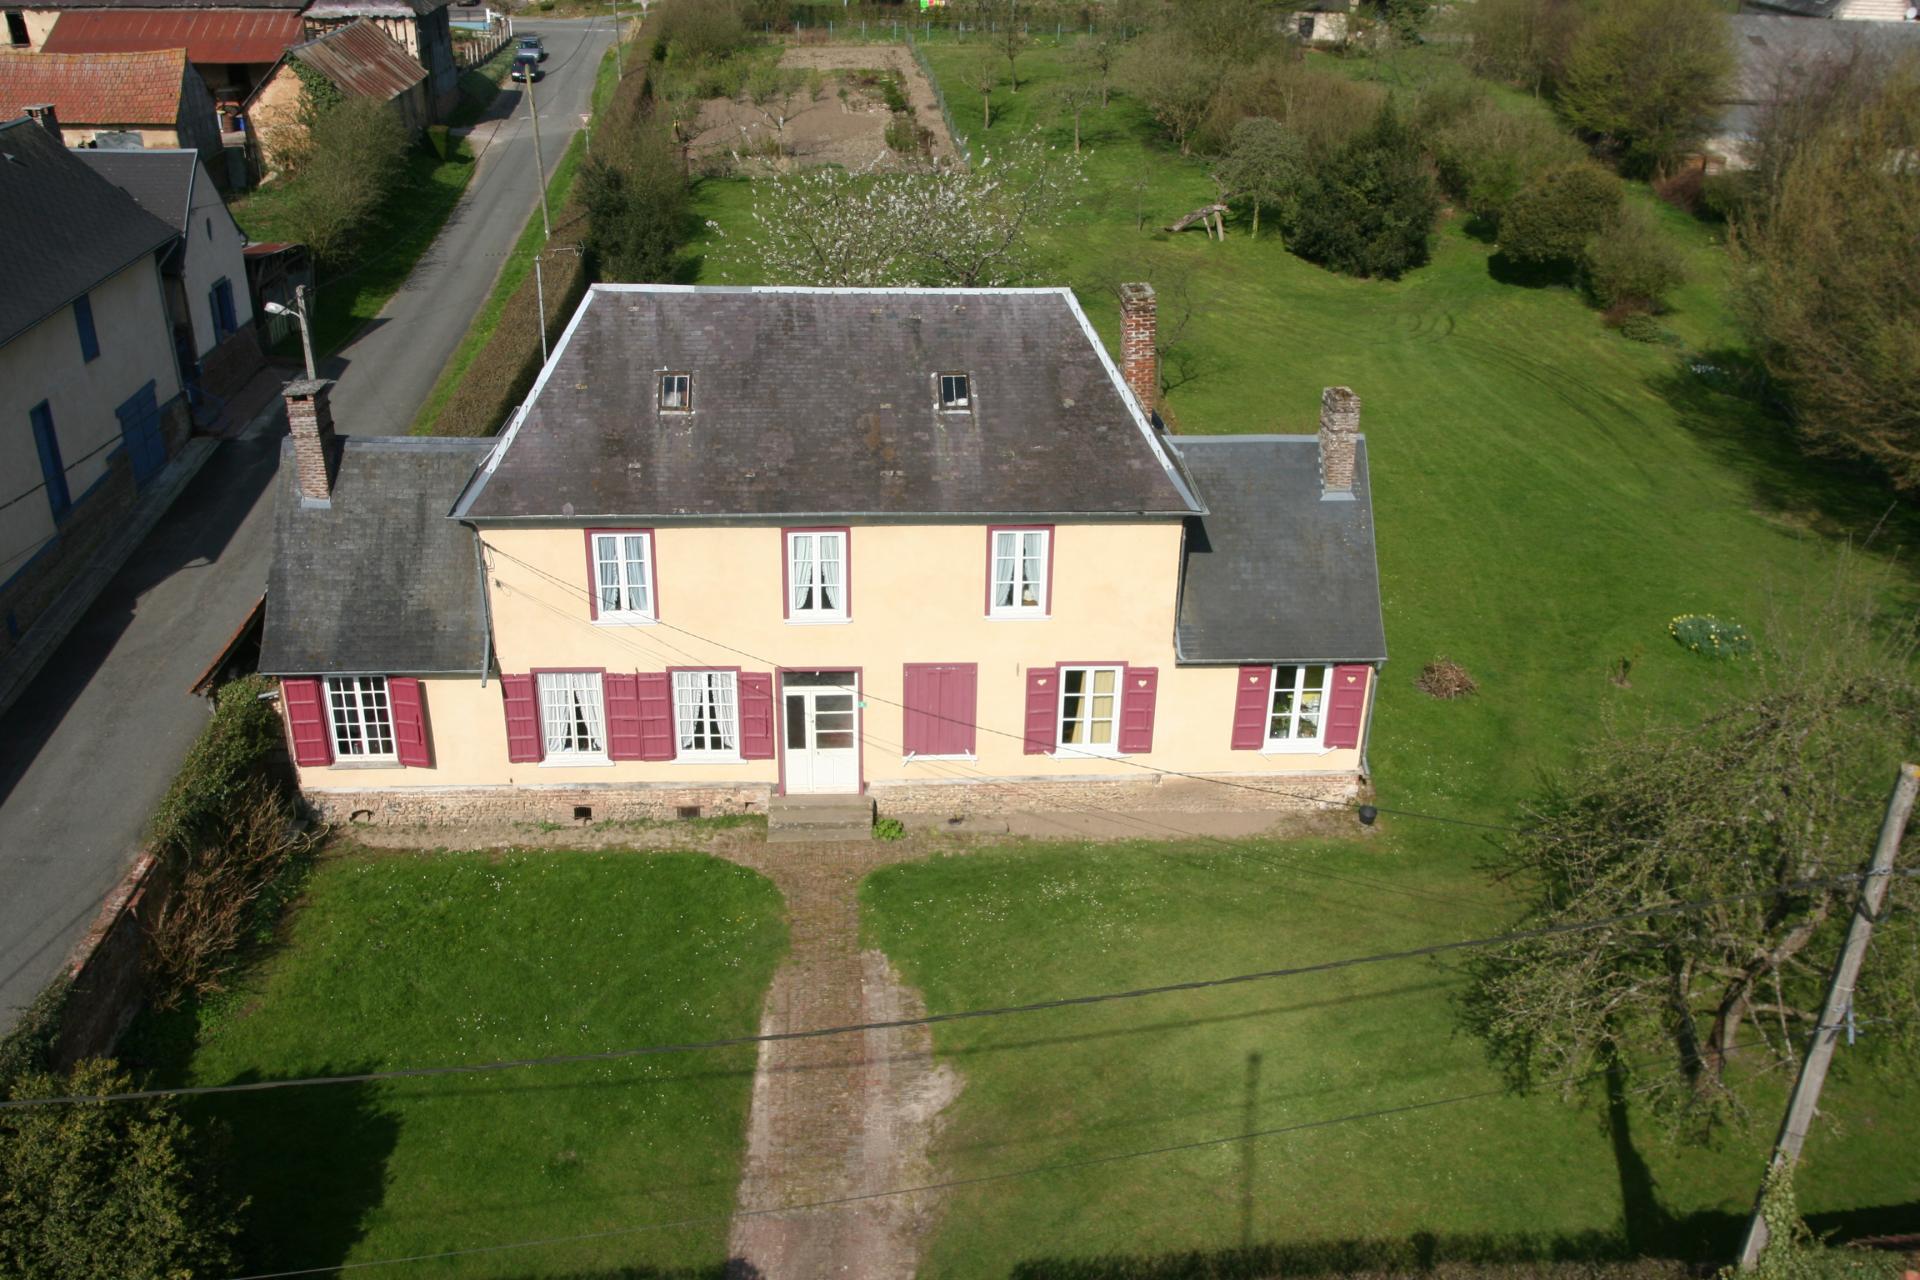 Imagerie aérienne par drone Beauvais (60)